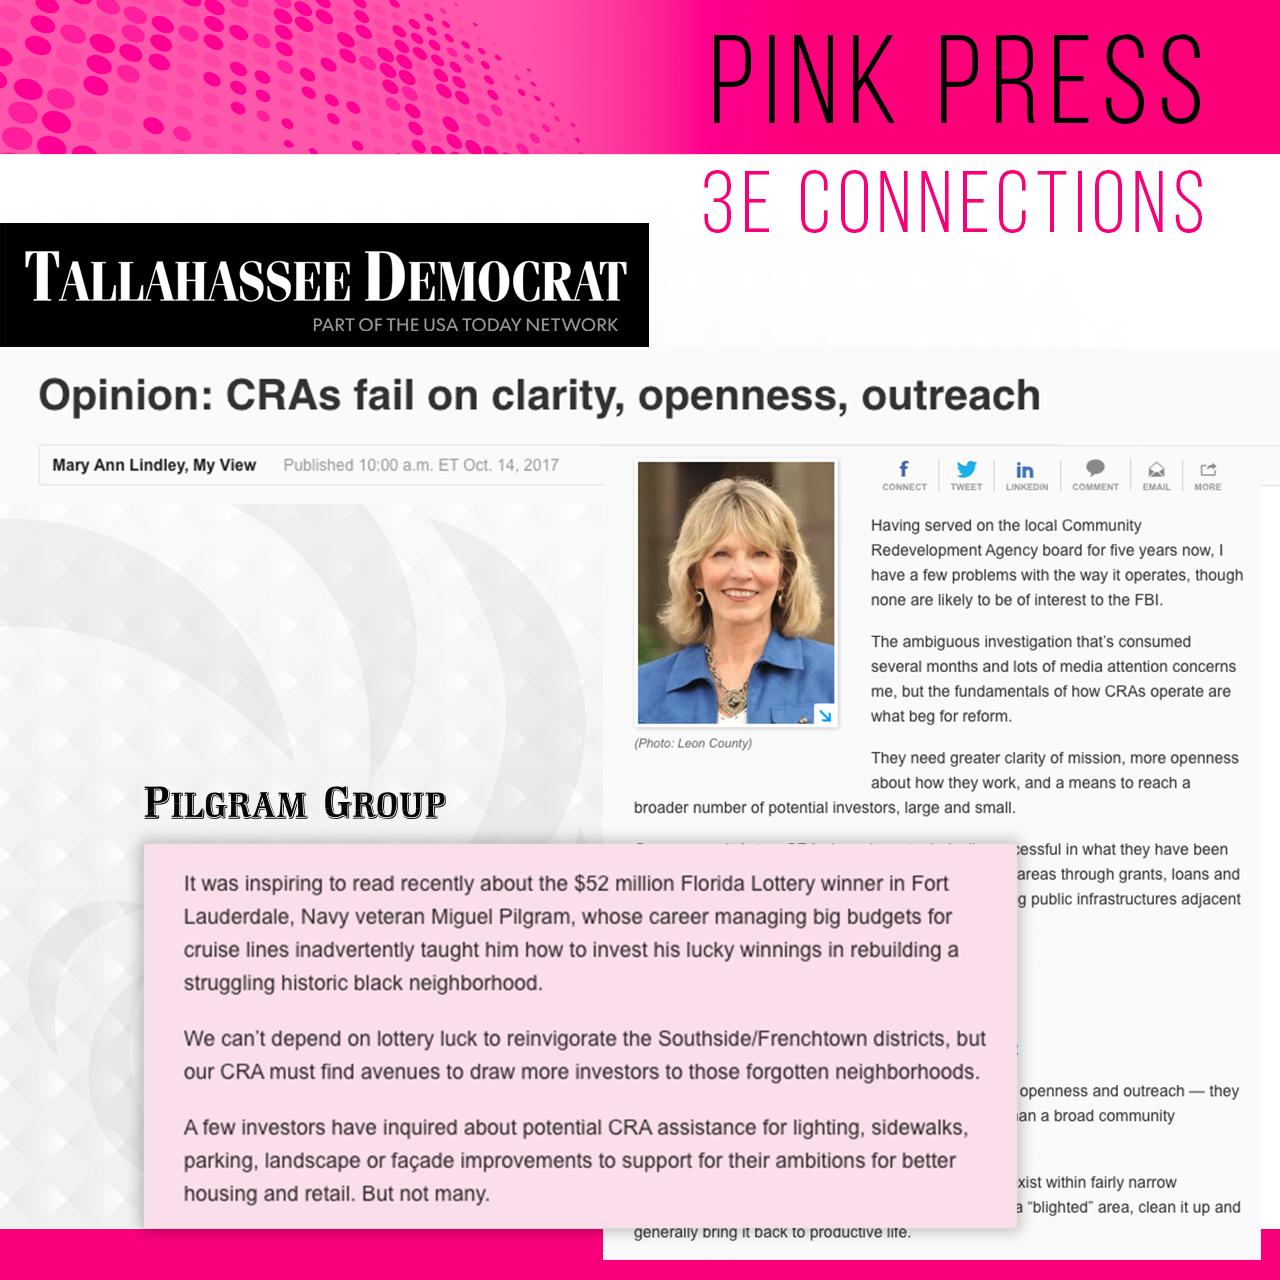 PinkPress_PilgramGroup.png